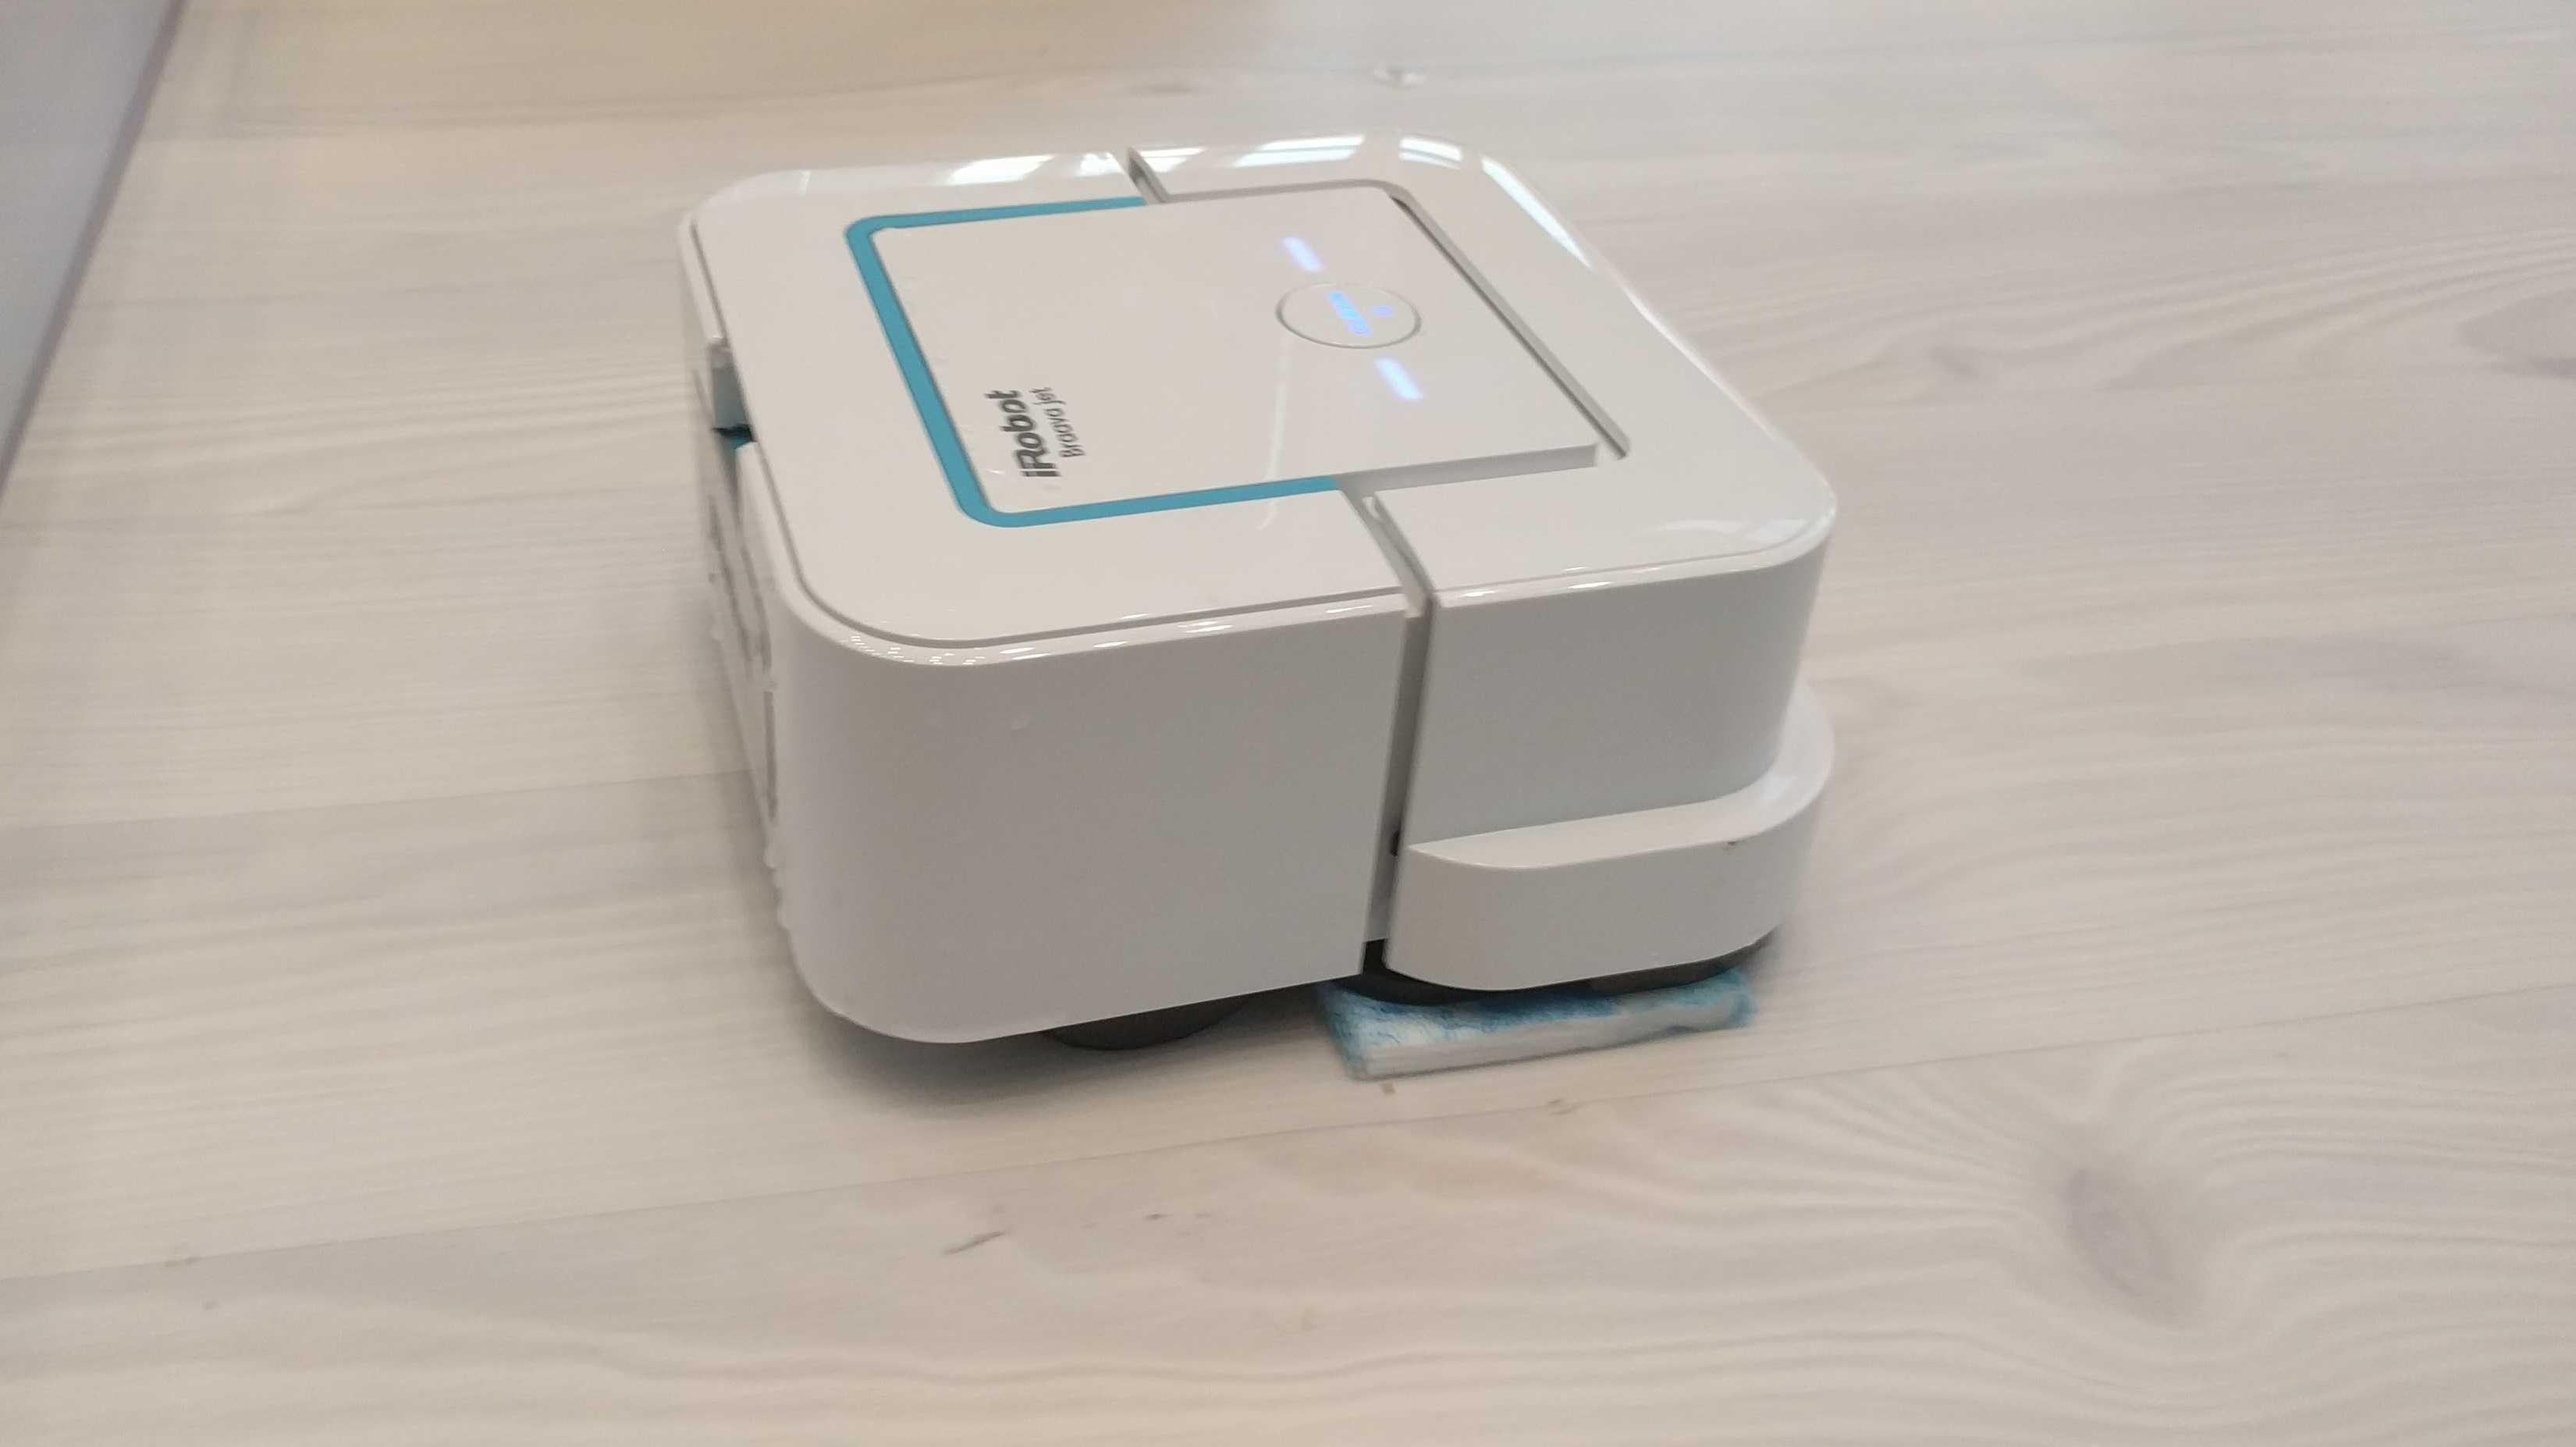 Wischroboter Braava von iRobot